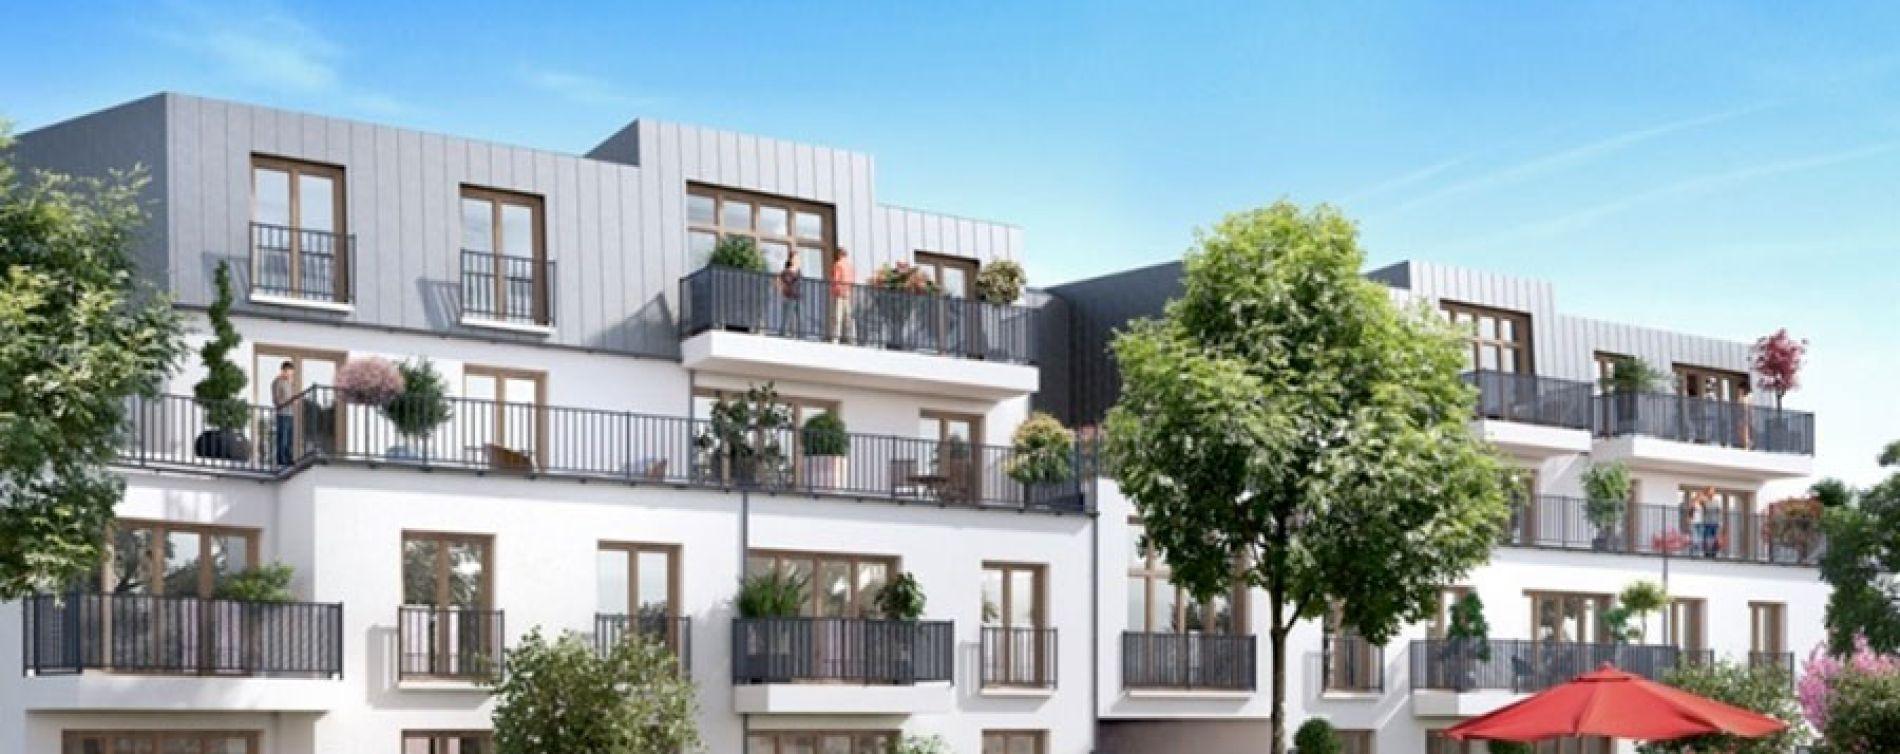 Résidence Villa 125 à Rosny-sous-Bois